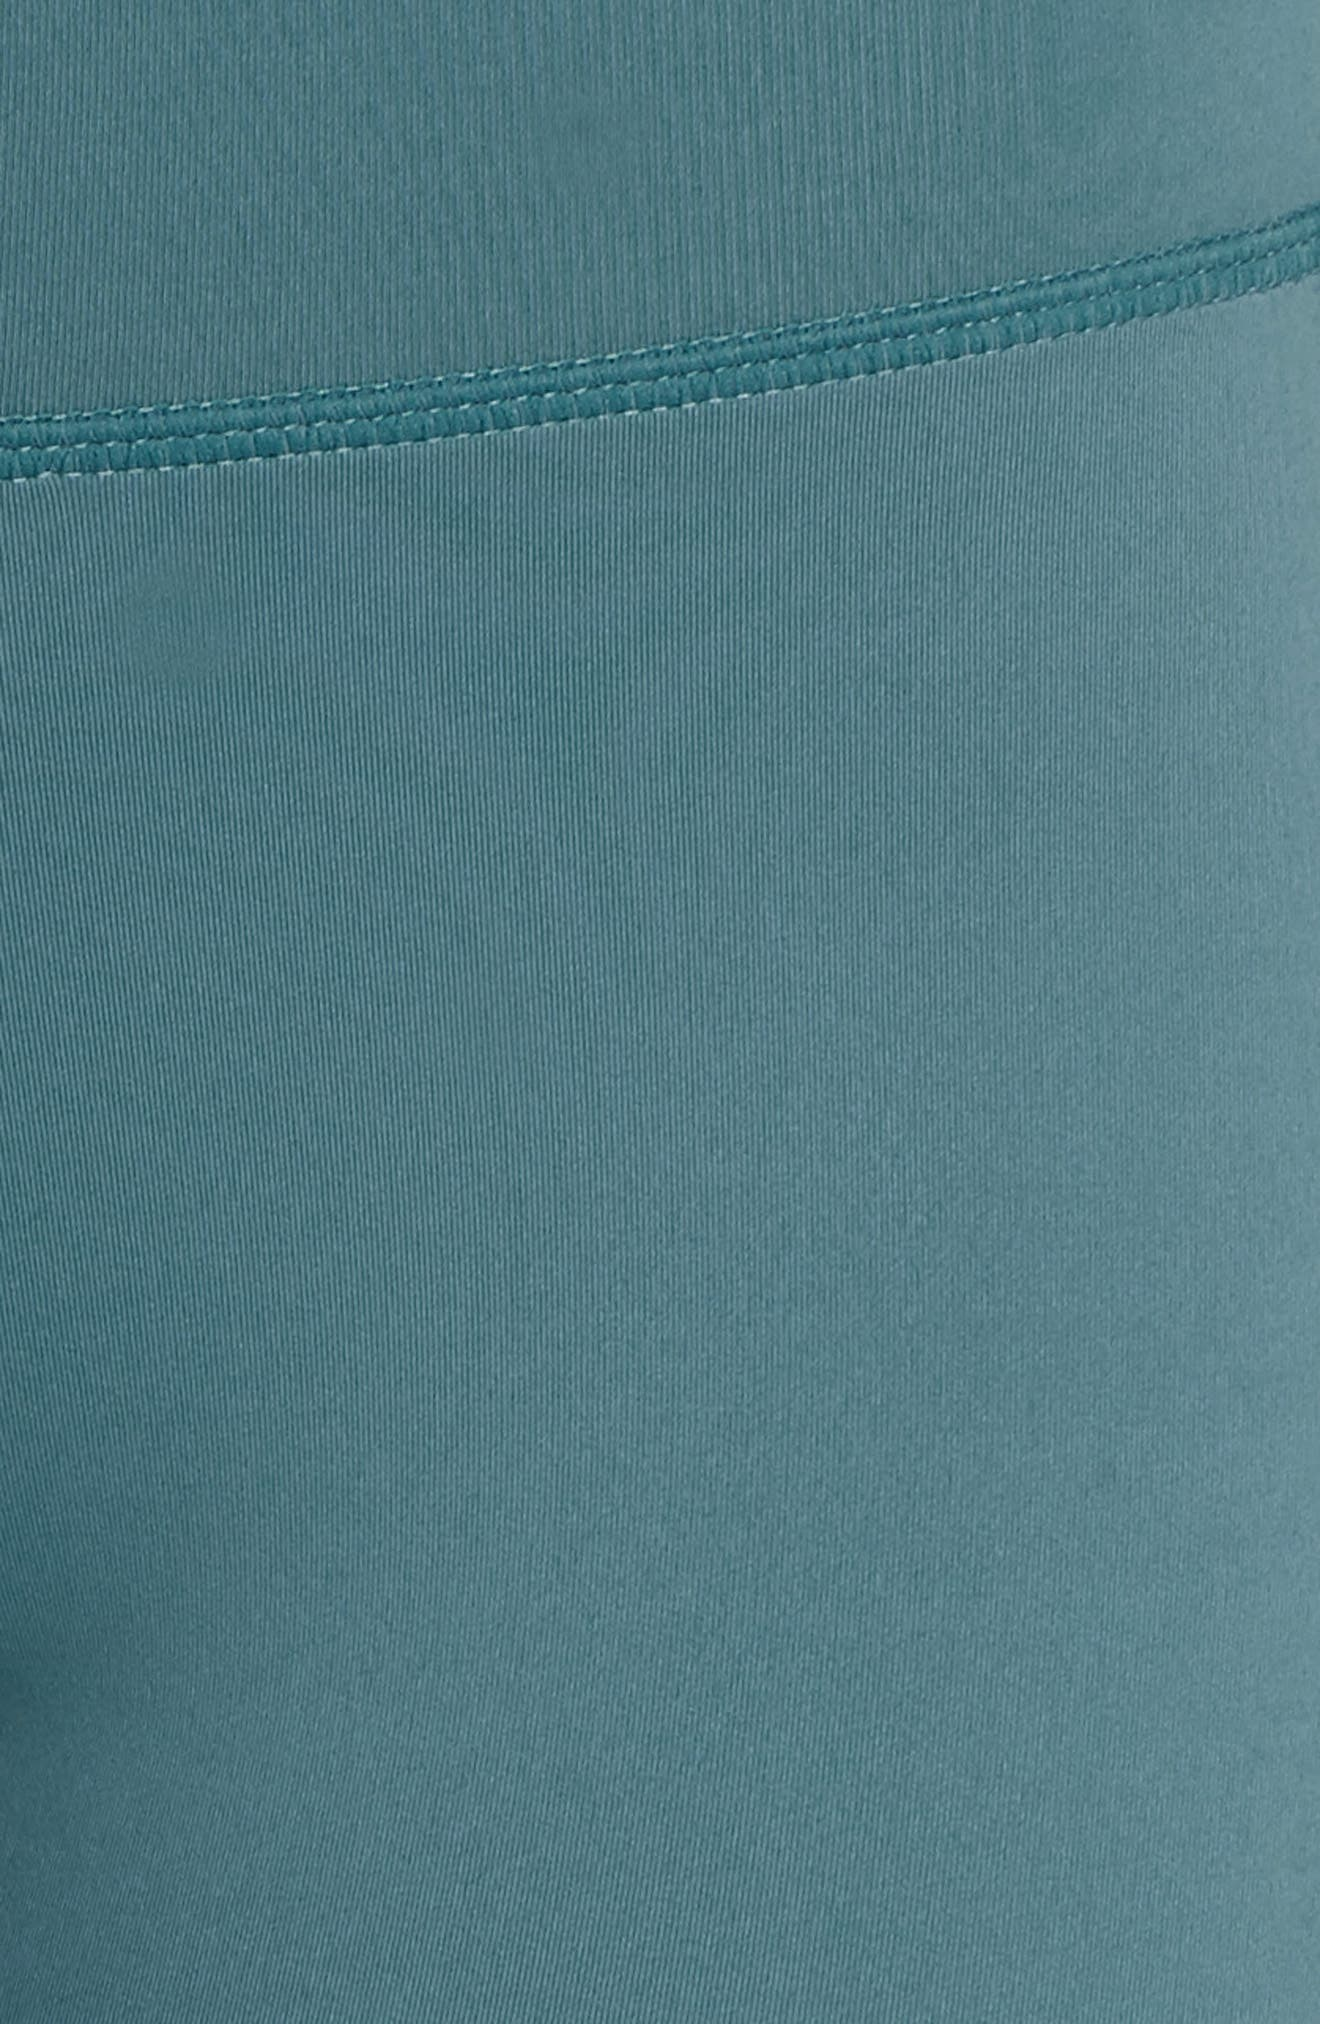 Horizon Ankle Leggings,                             Alternate thumbnail 6, color,                             Blue Surf/ Off White